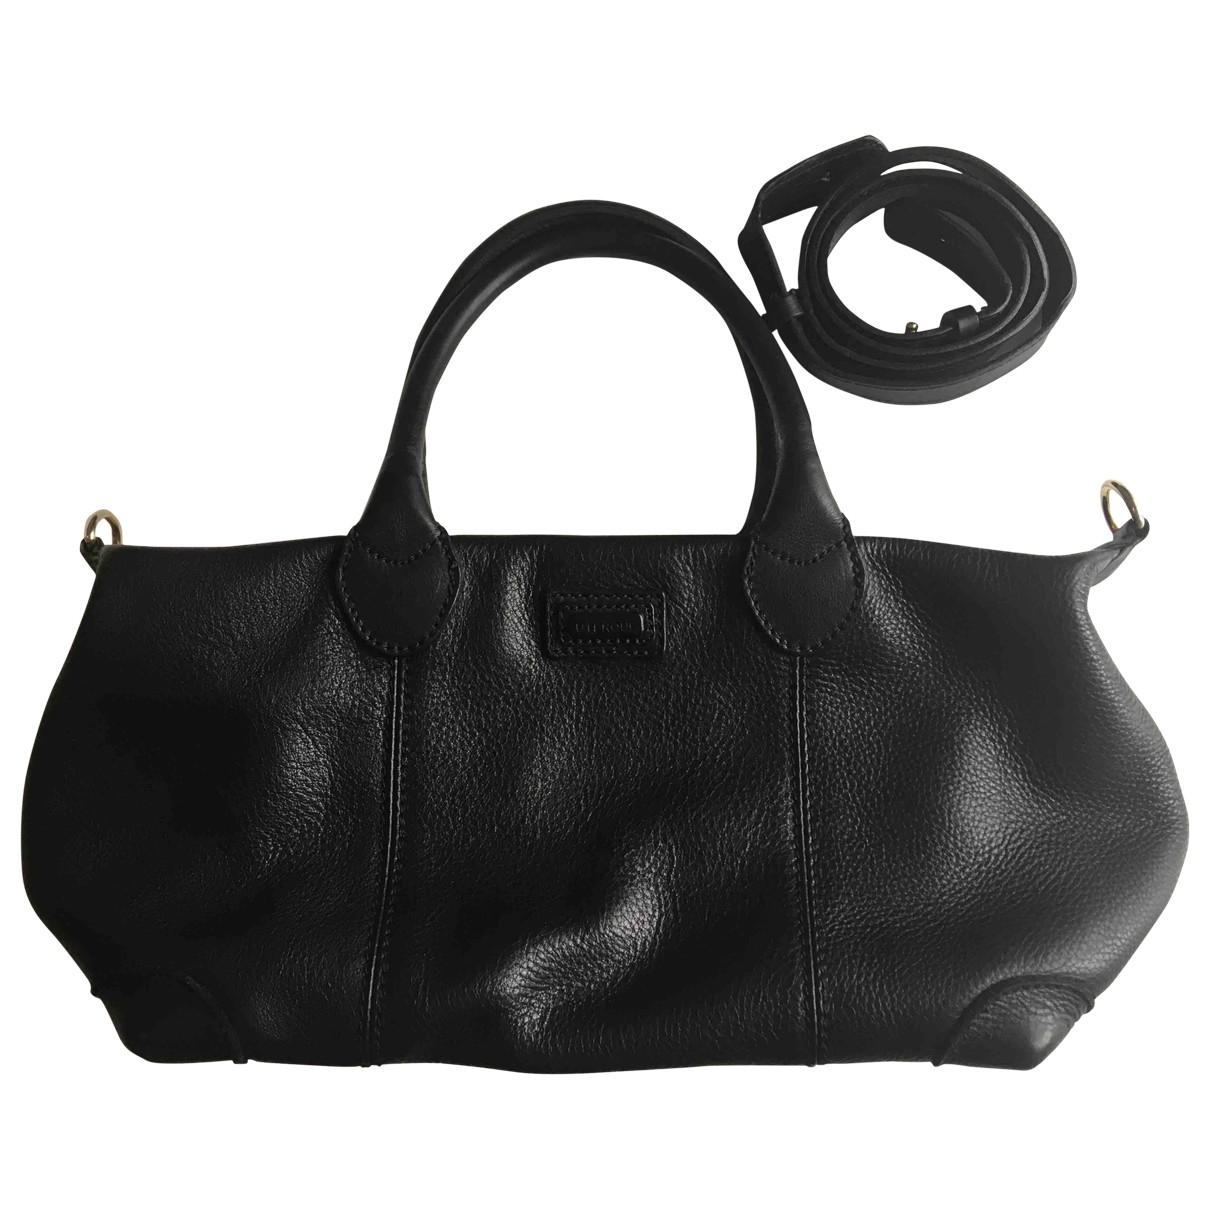 Uterque - Sac a main   pour femme en cuir - noir